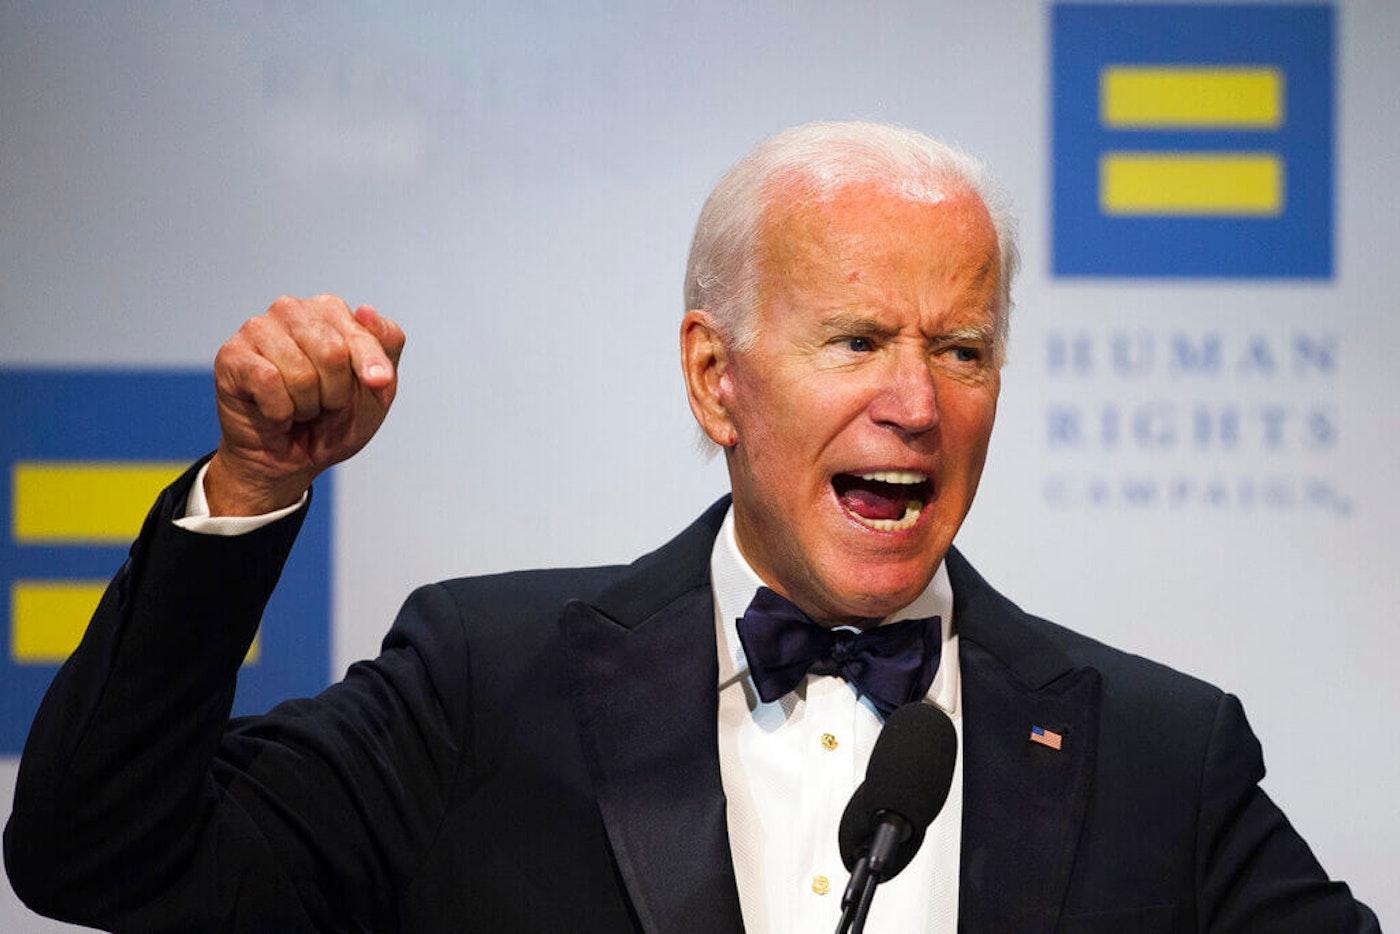 Joe Biden Puerto Rico Transgender Violence